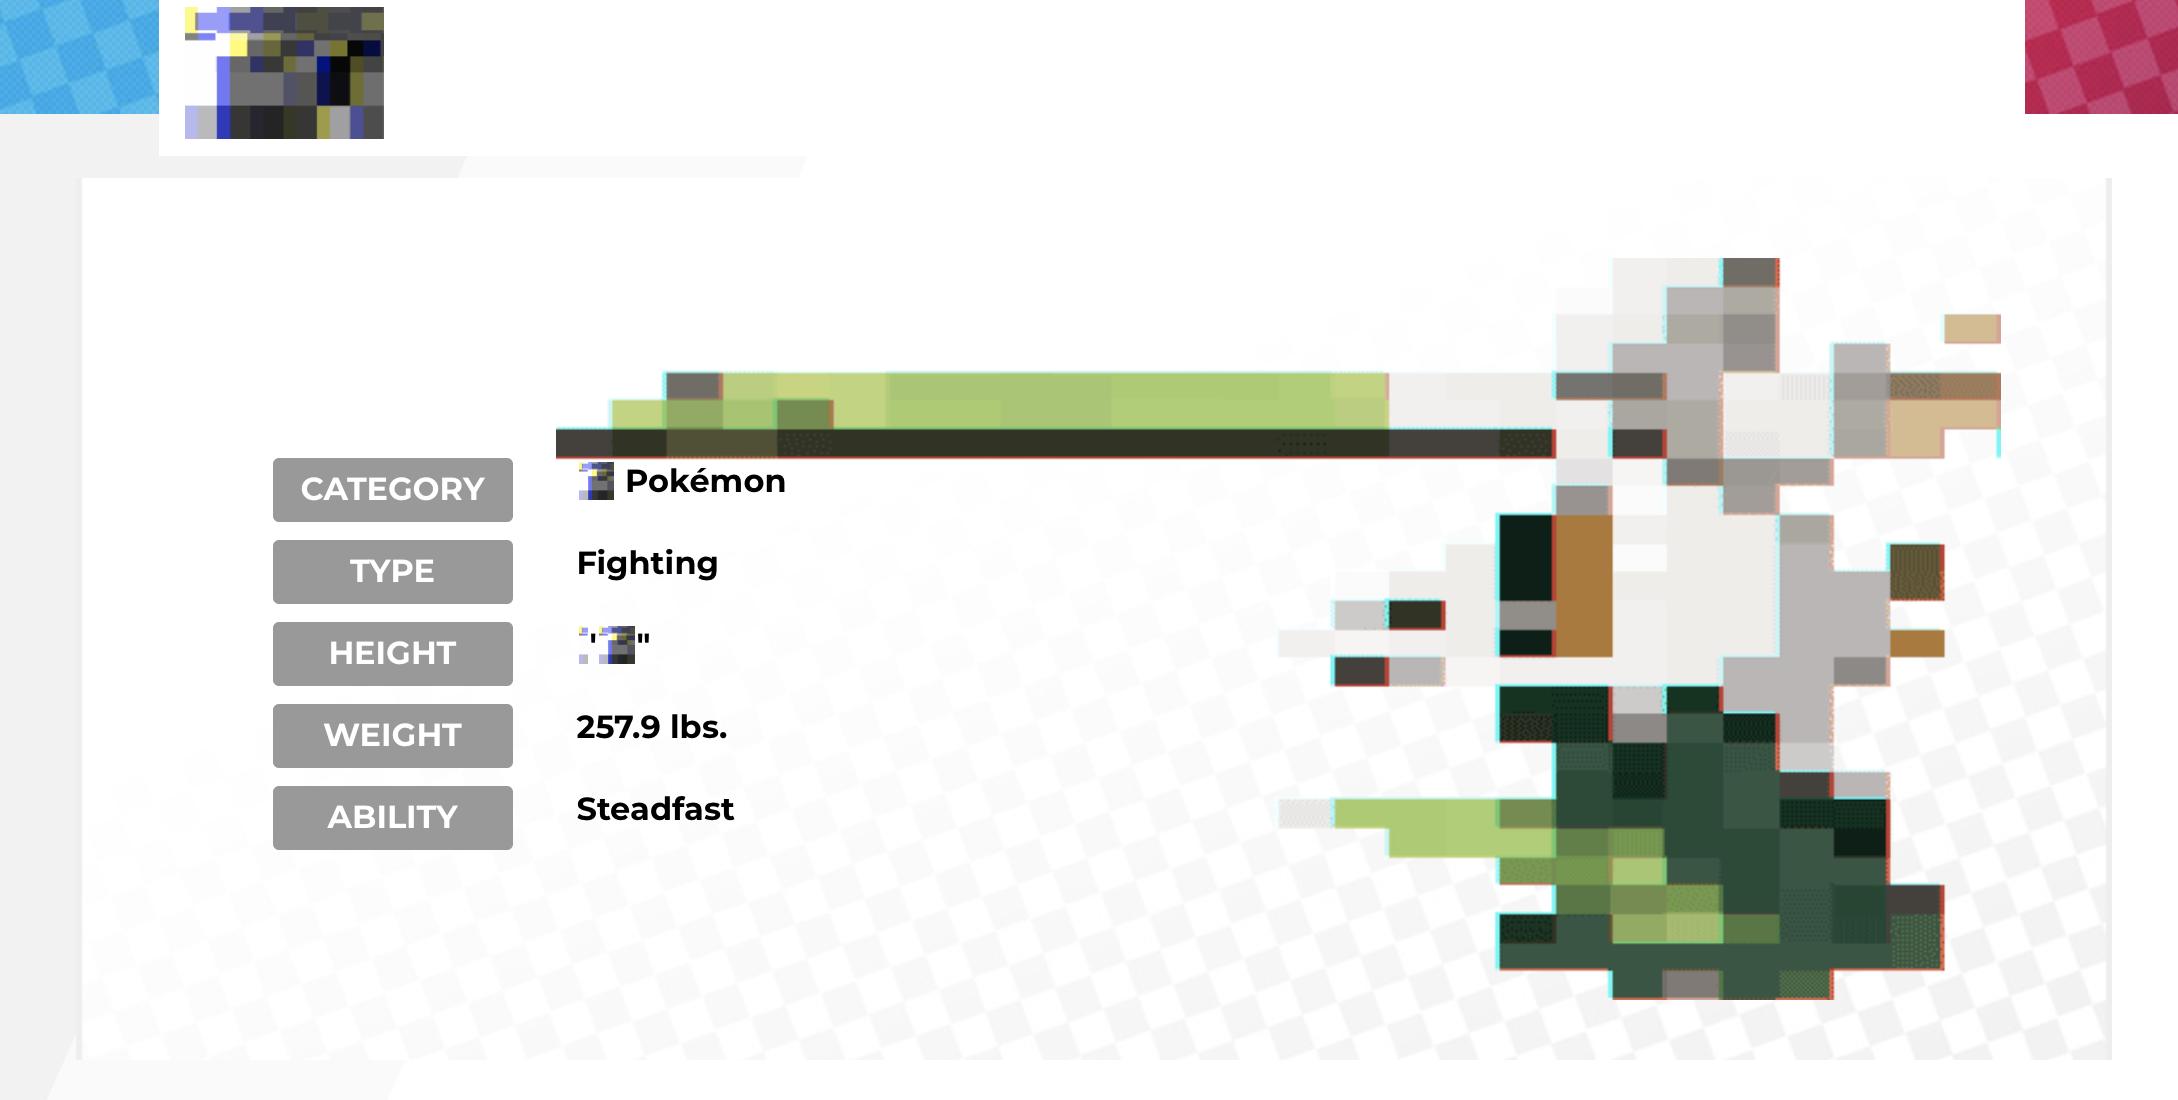 Die Pokemon Sword and Shield-Website enthält ein seltsames Glitch-Monster 2